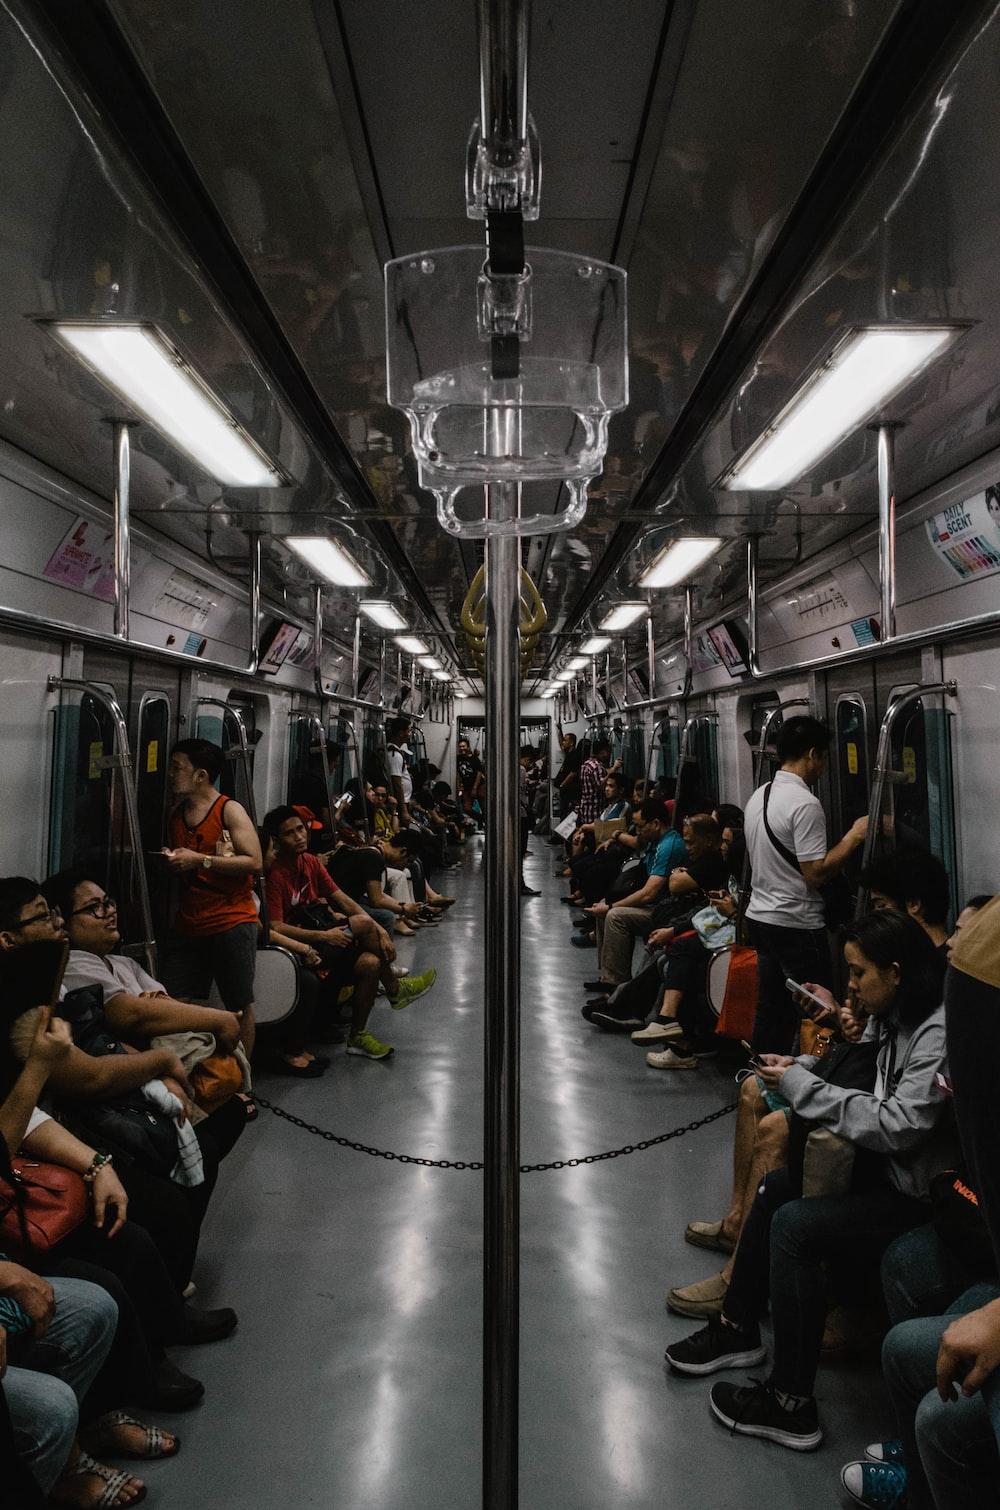 people sitting inside train